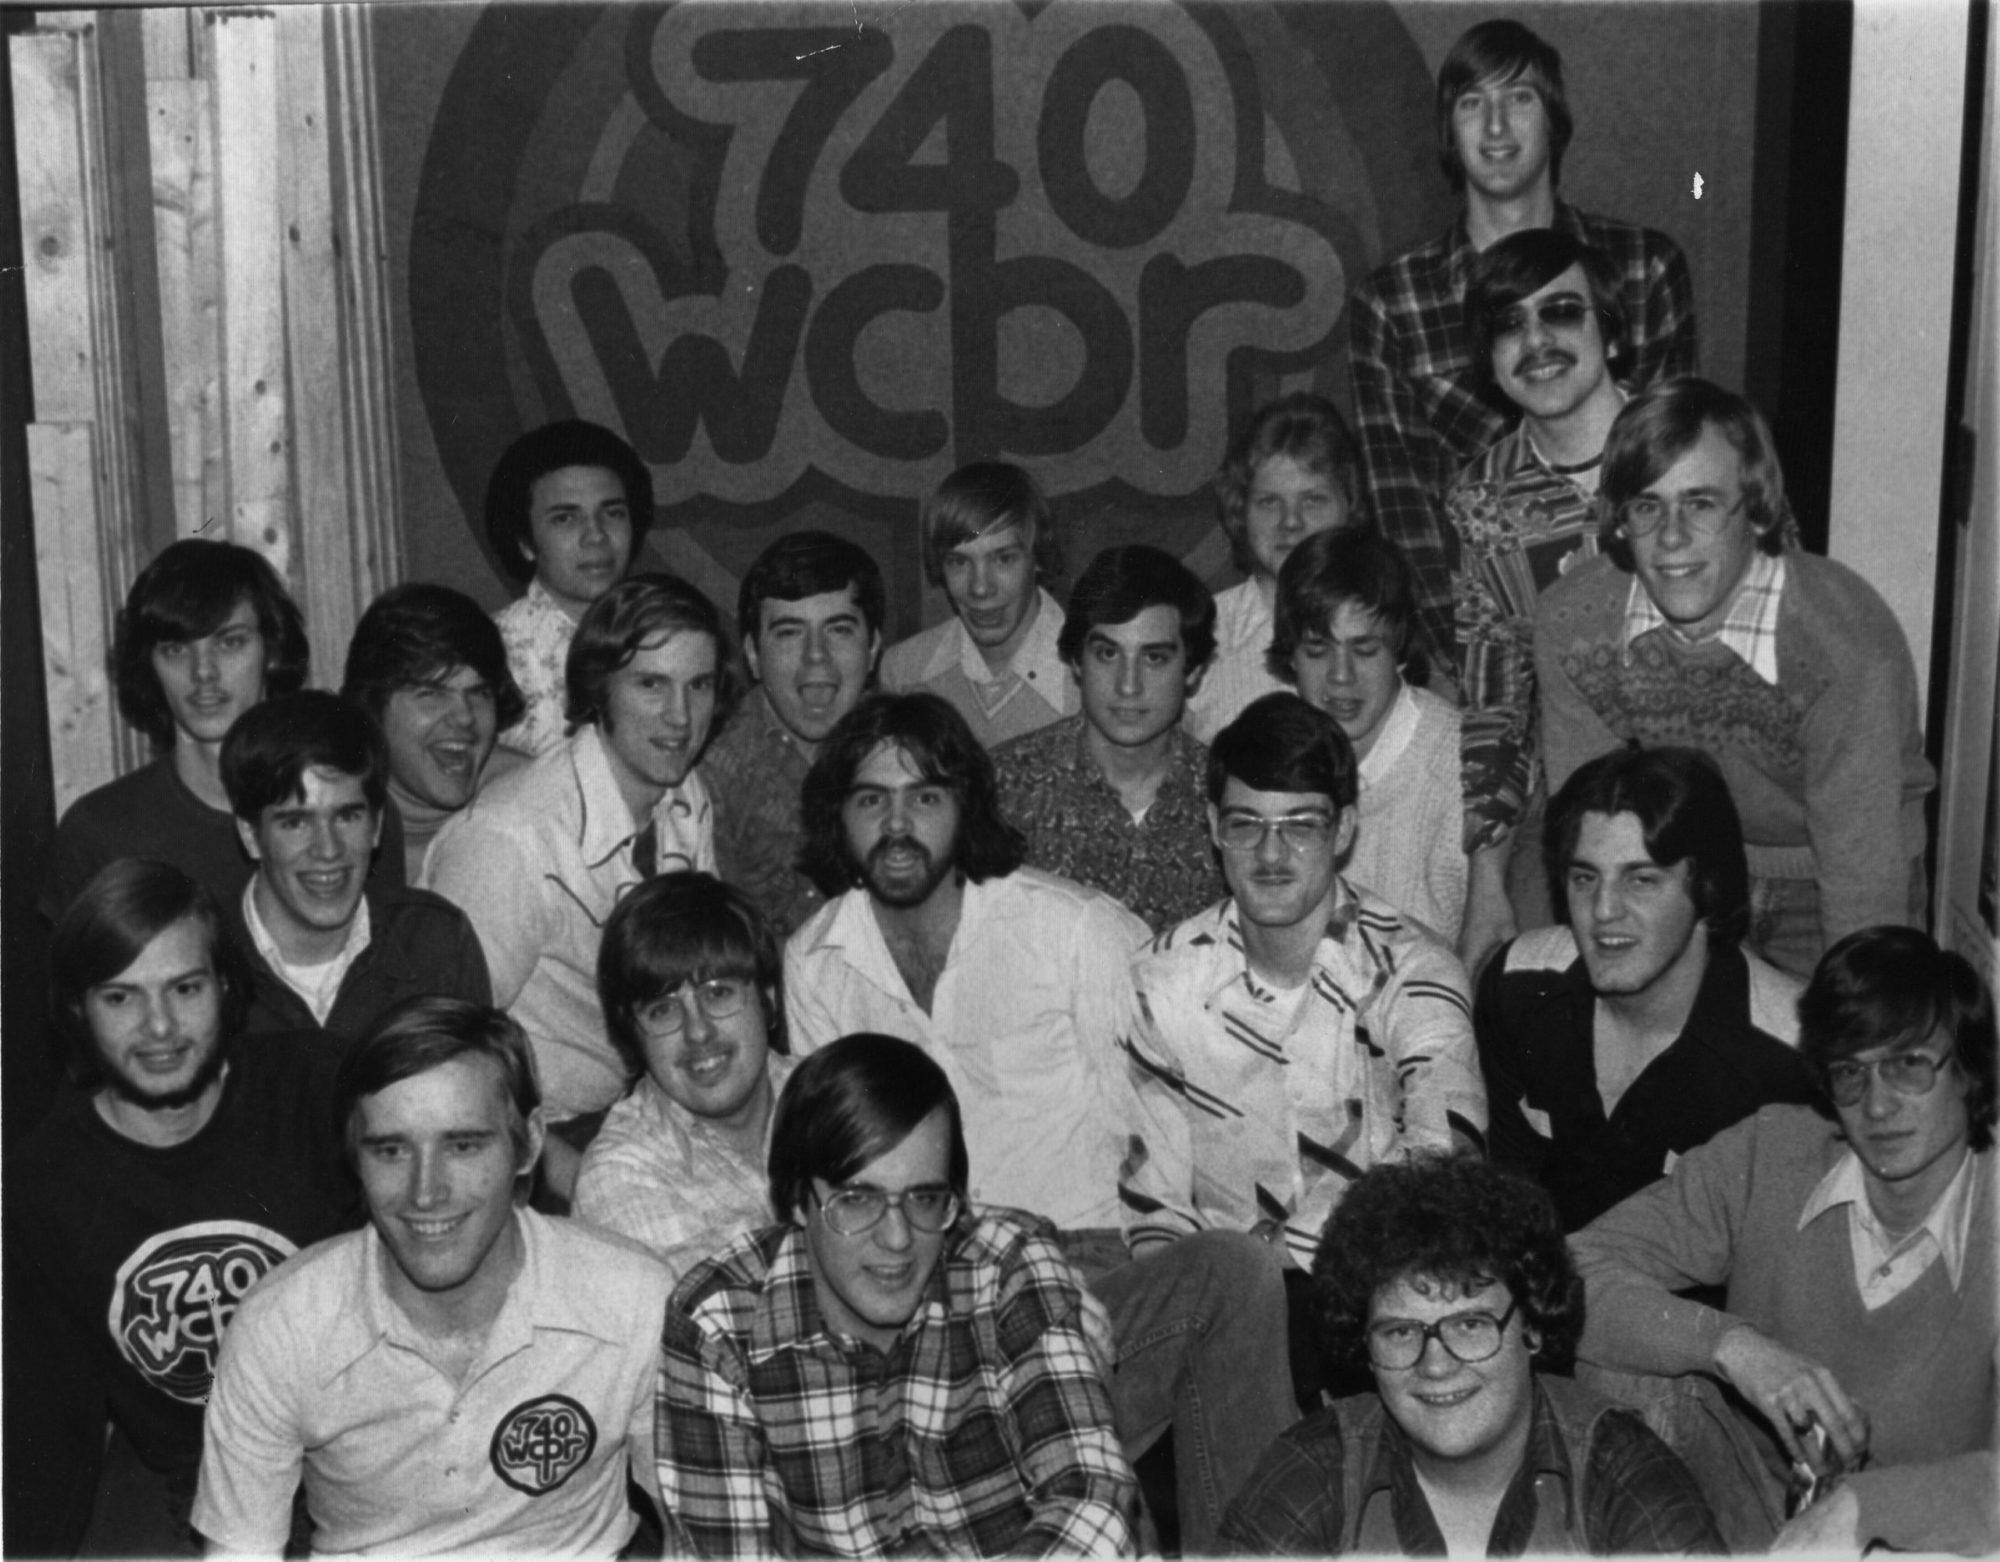 WCPR Alumni Association